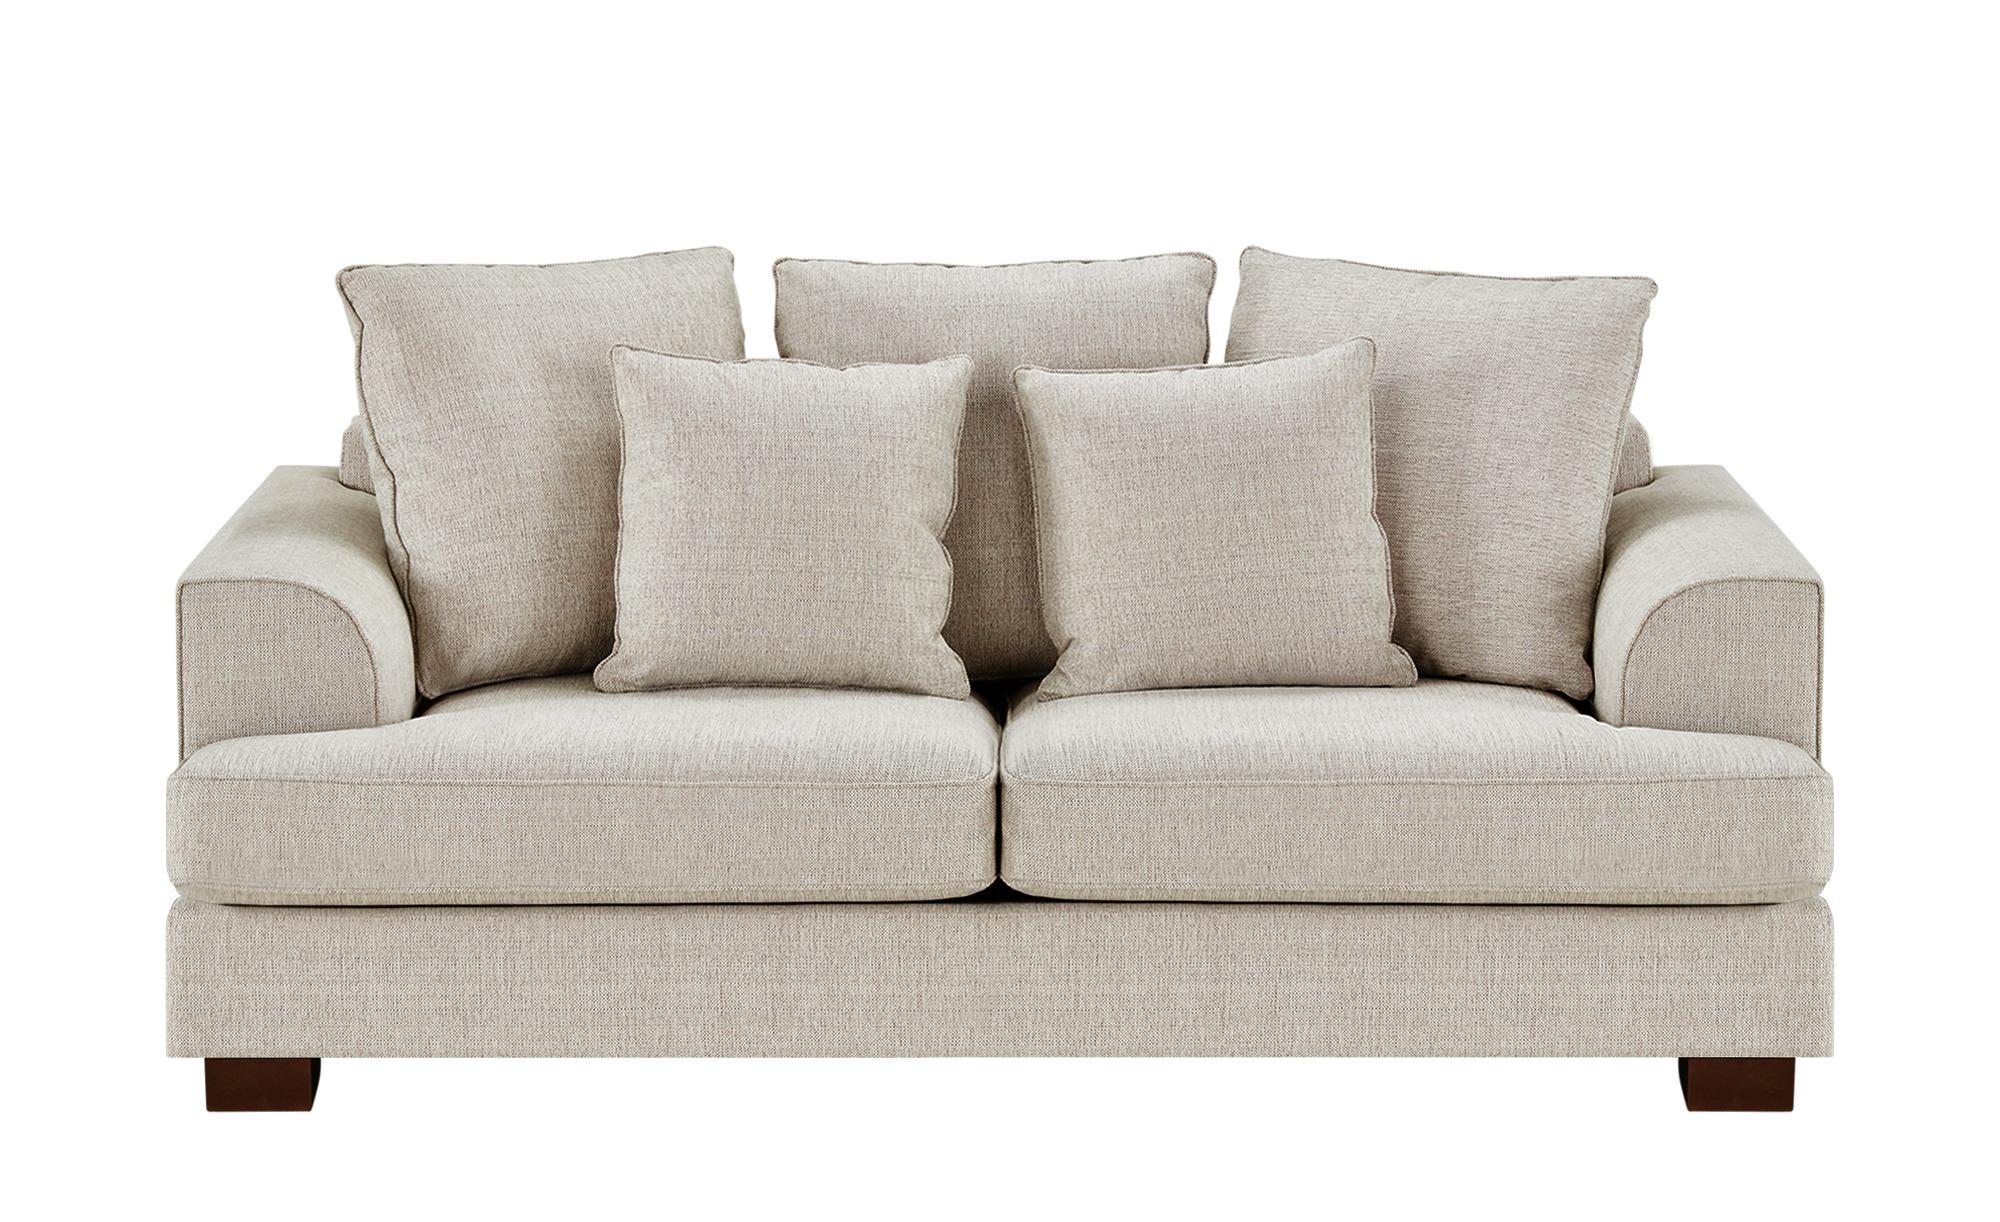 SOHO Sofa braun - Webstoff Franka ¦ beige ¦ Maße (cm): B: 199 H: 87 T: 103 Polstermöbel > Sofas > Einzelsofas - Höffner